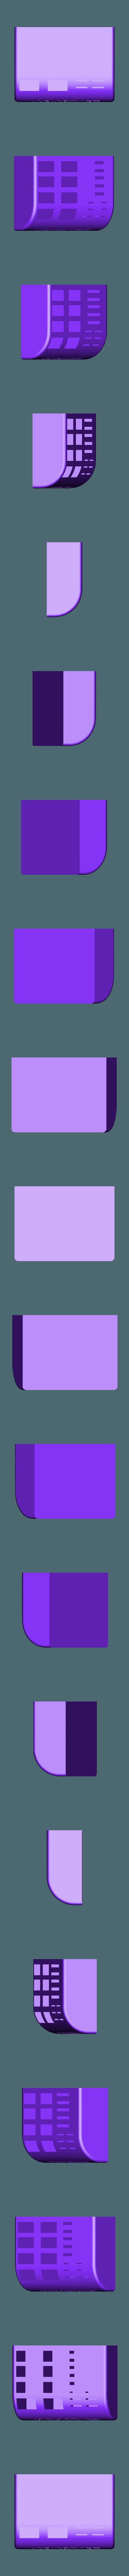 Memory Card Caddy Contoured Short v2FINAL.stl Télécharger fichier STL gratuit SD, MicroSd et clé USB Caddie / Support • Plan pour impression 3D, SierraTech